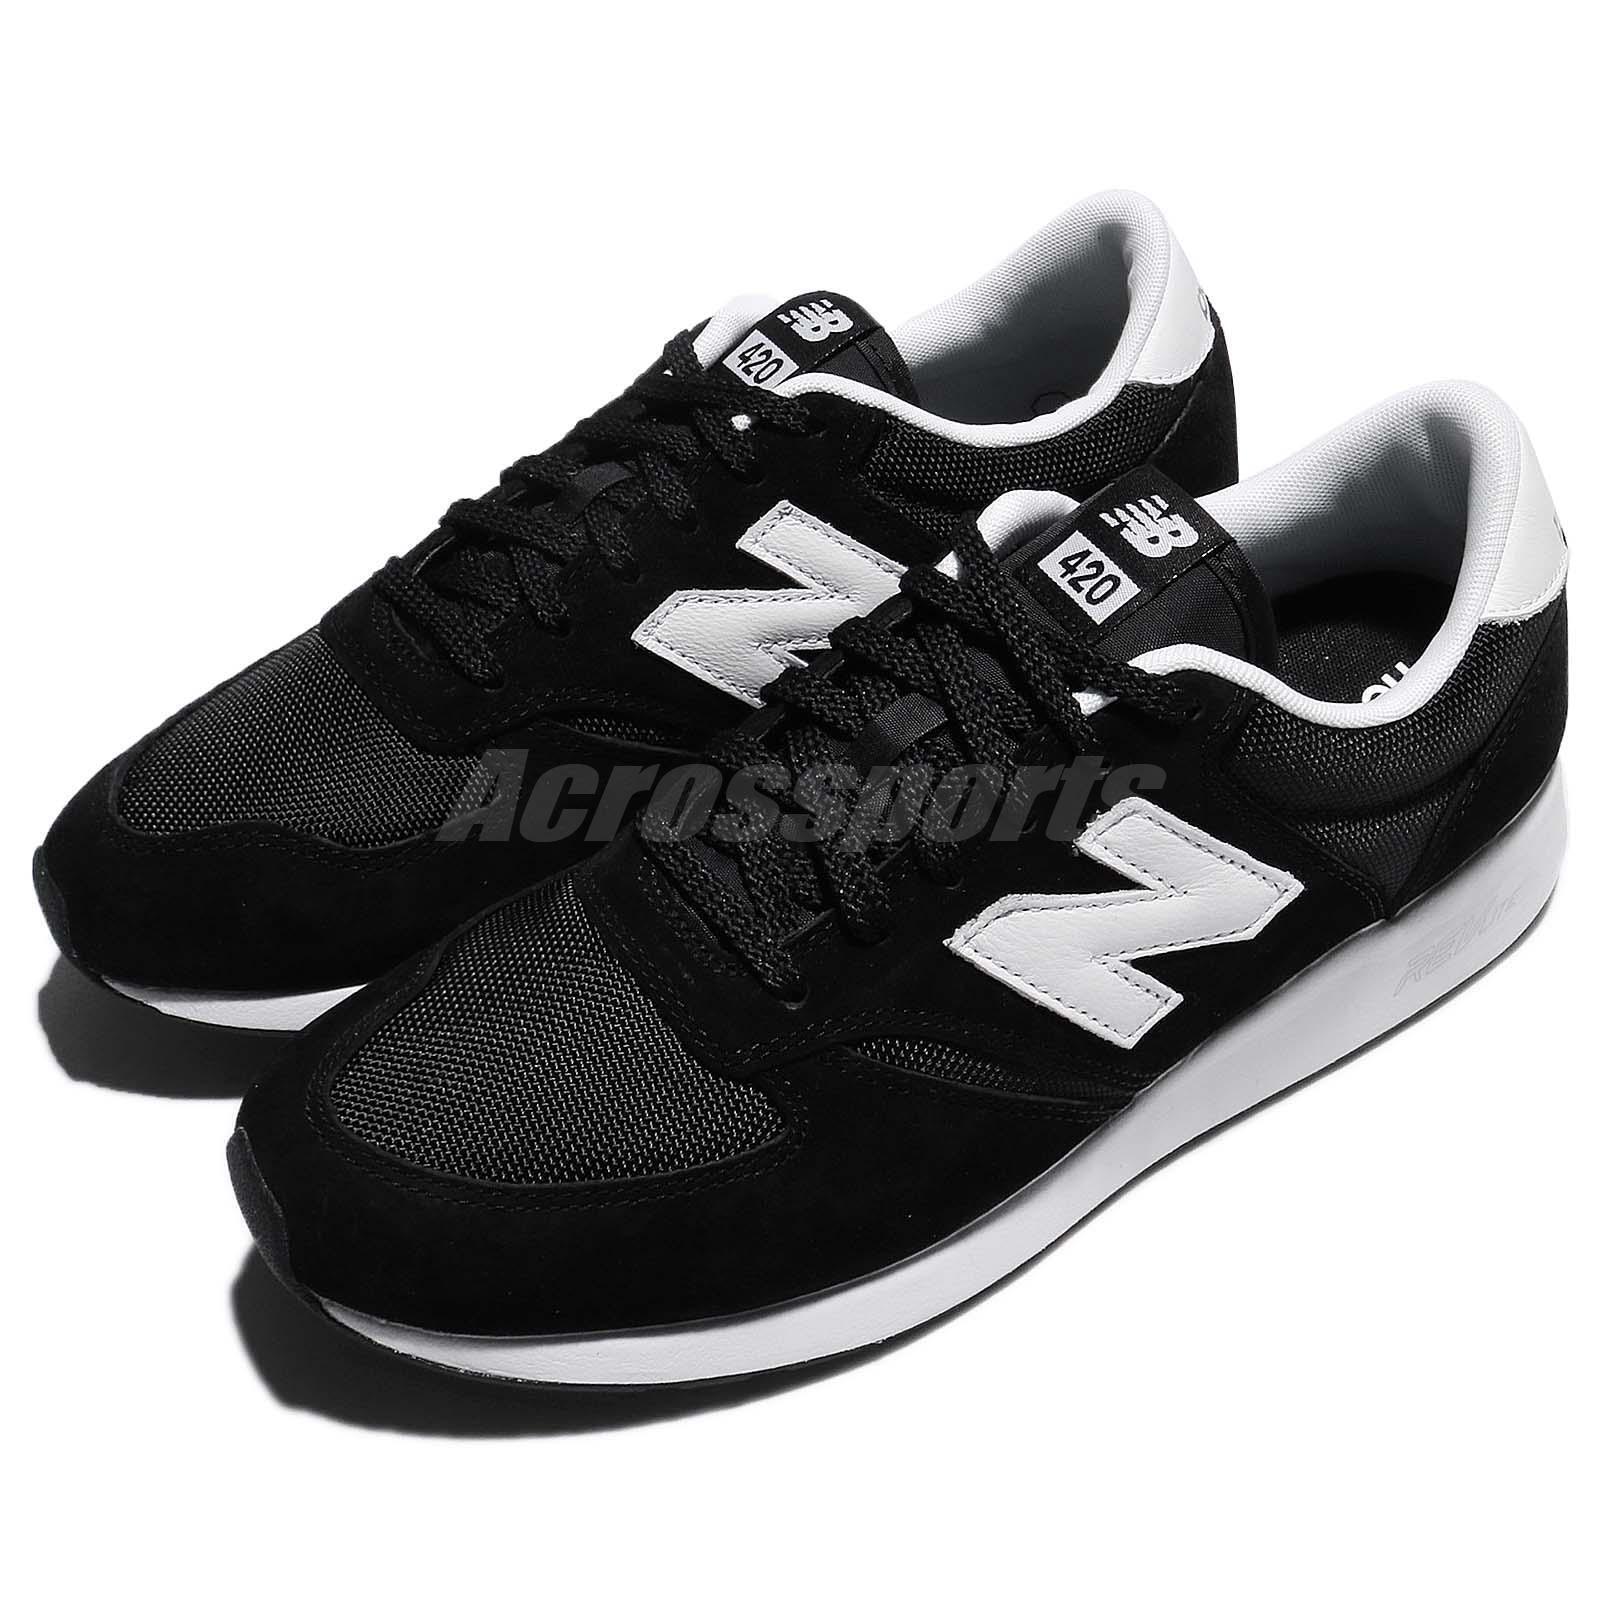 New Balance MRL420SZ D Black White Mens Running shoes NB 420 RevLite MRL420SZD